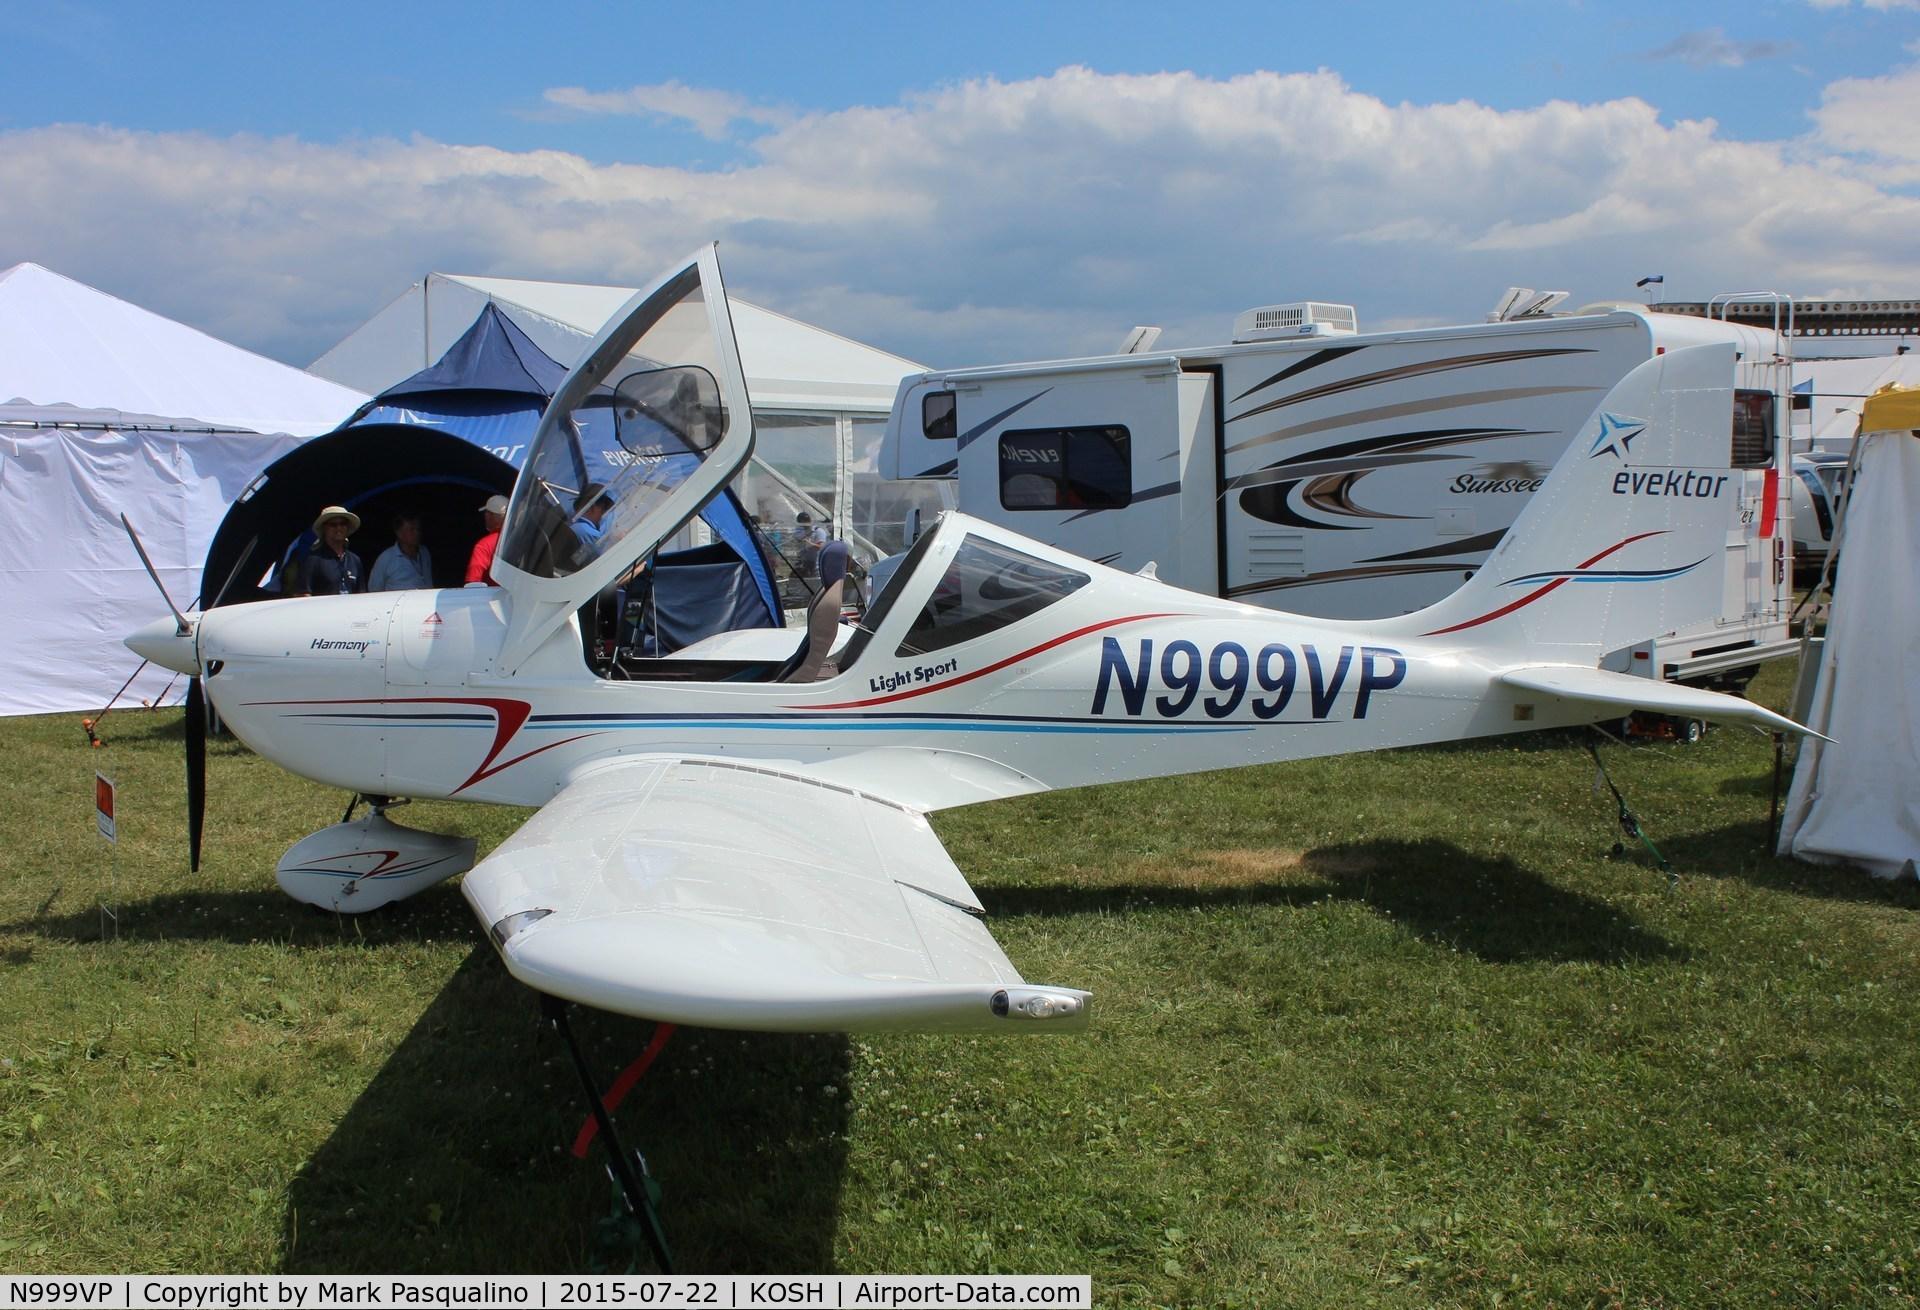 N999VP, 2014 Evektor-Aerotechnik Harmony LSA C/N 2014 1717, Evektor Harmony LSA